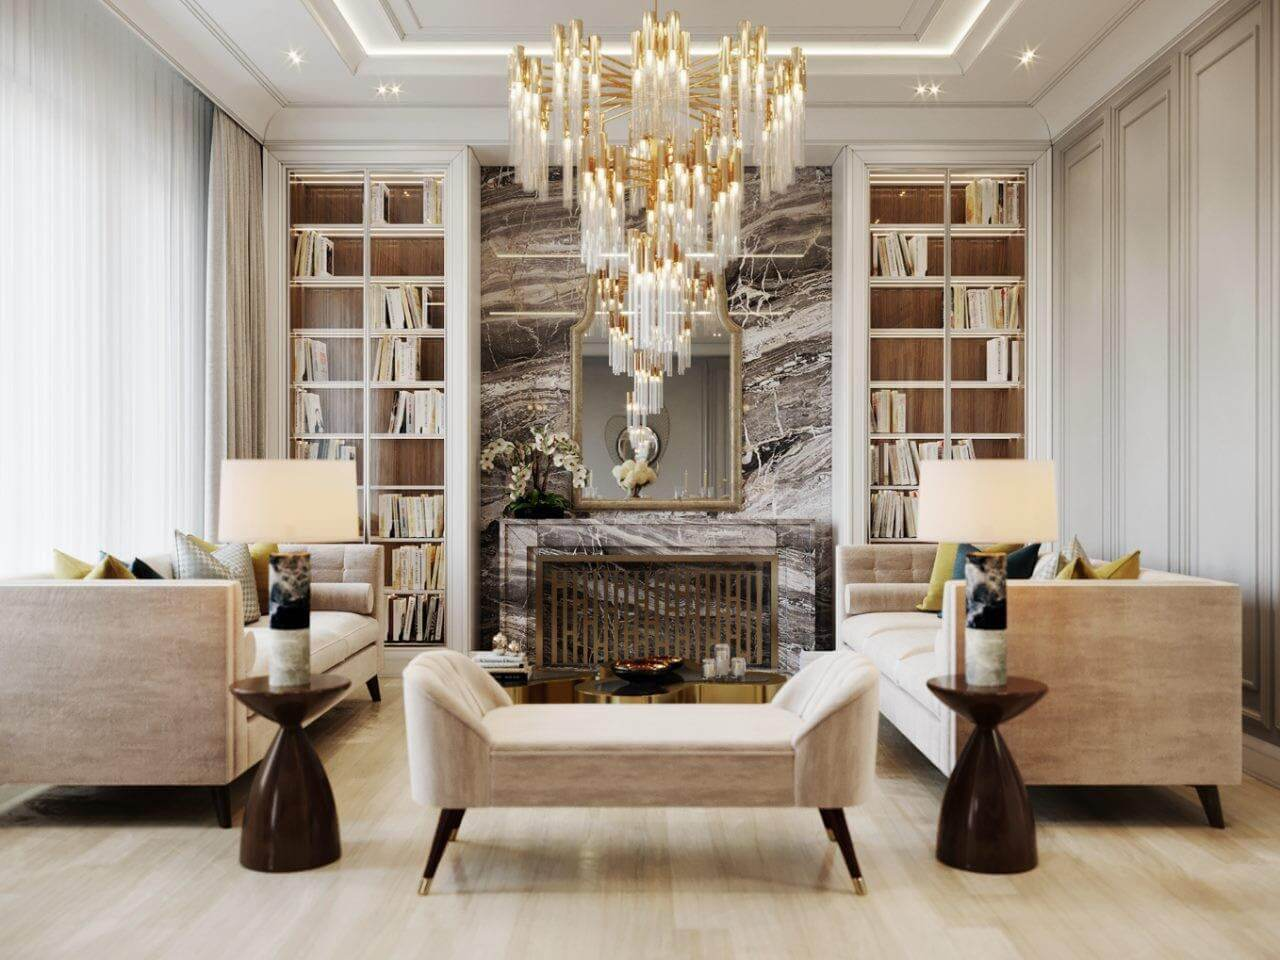 Đường chỉ phào trong thiết kế Luxury